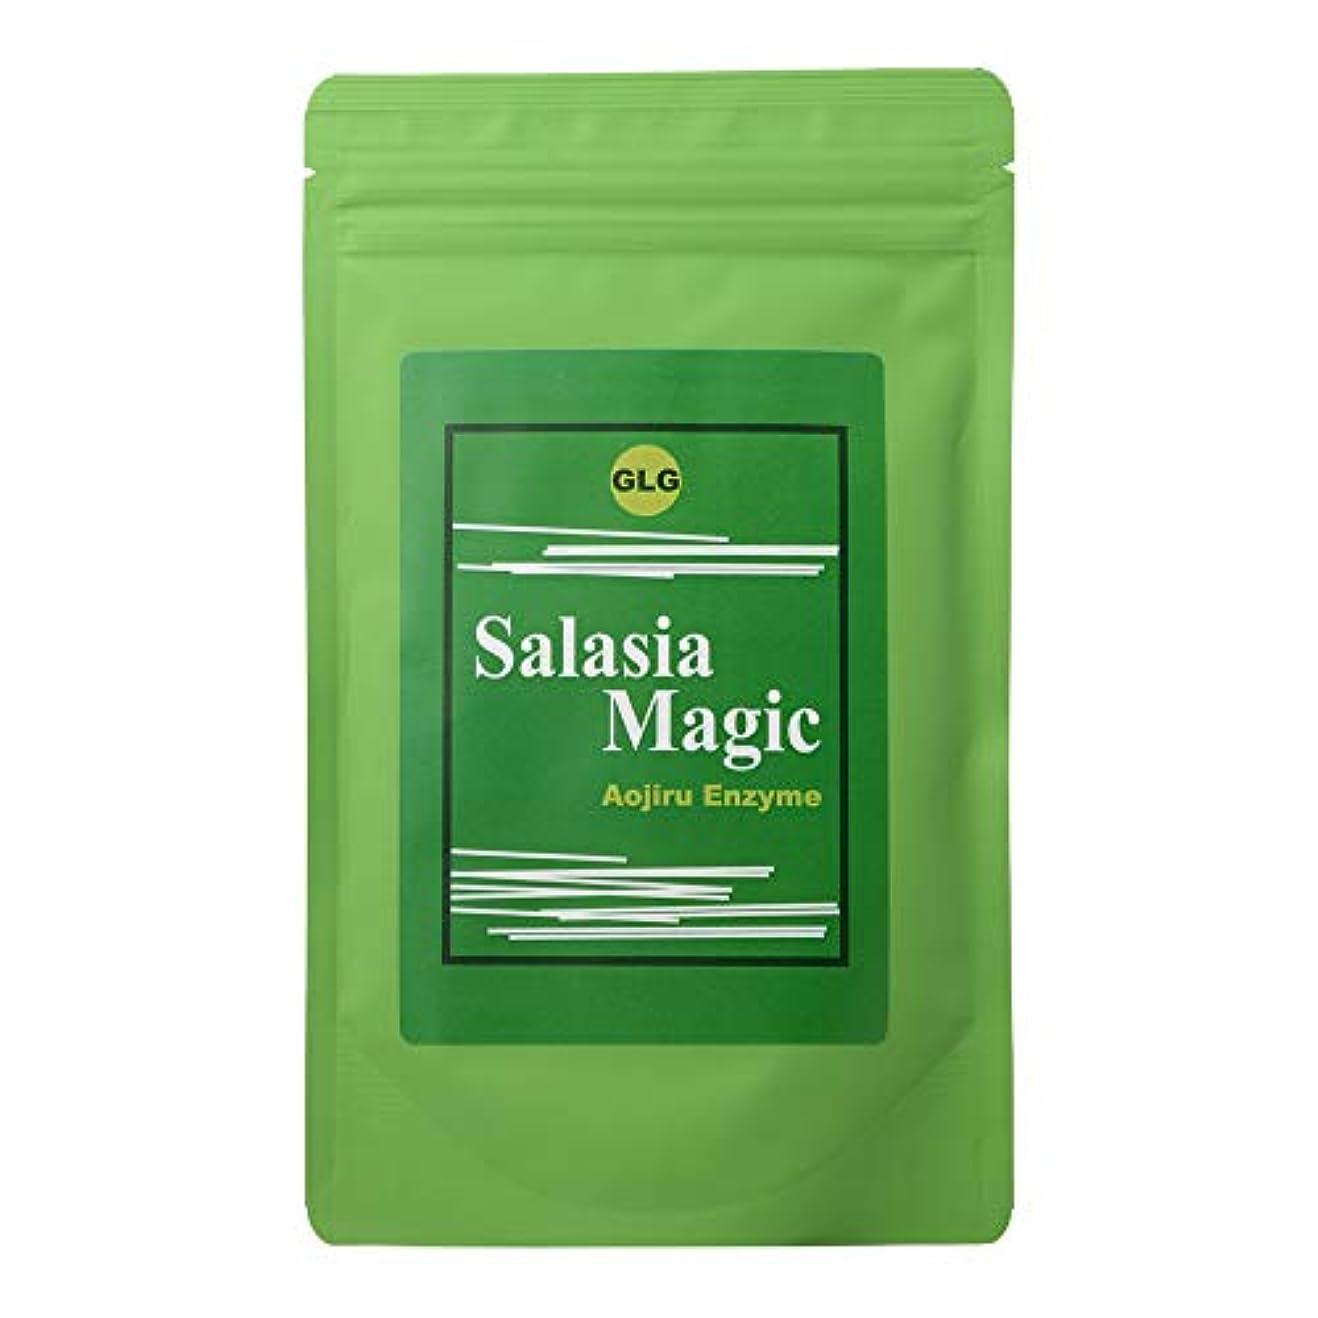 束付き添い人式サラシアマジック 青汁酵素 (ダイエットドリンク) お茶 健康飲料 粉末 [内容量150g/ 説明書付き]